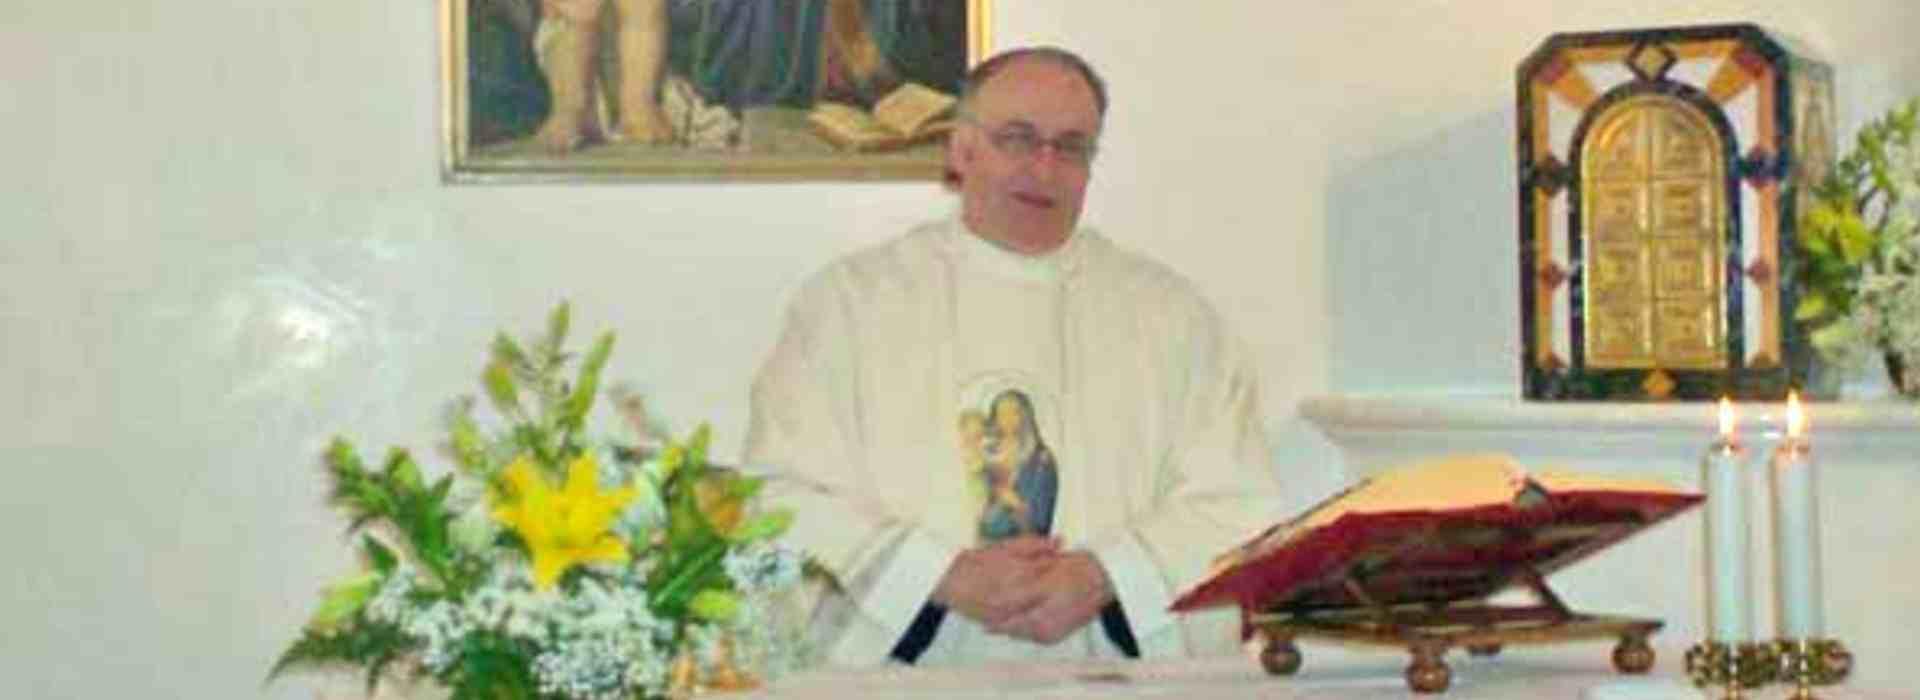 Don Castagneto, l'abuso sui minori e l'insabbiamento tentato da Bagnasco